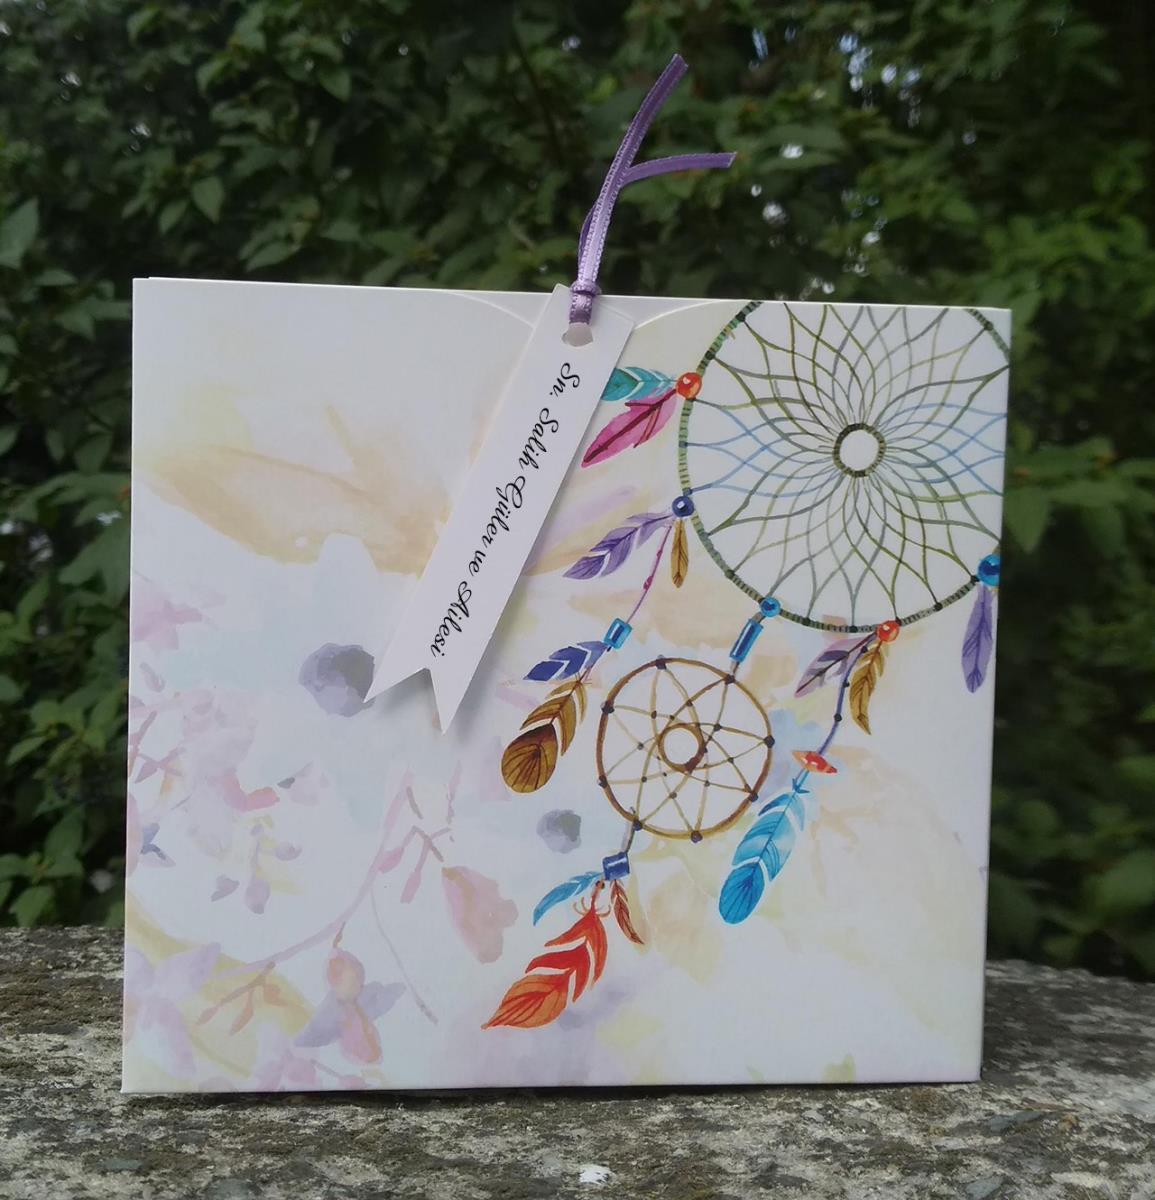 Çok renkli düş kapanı dreamcatcher ile naif sulu boya tasarımlı özgün düğün davetiyesi